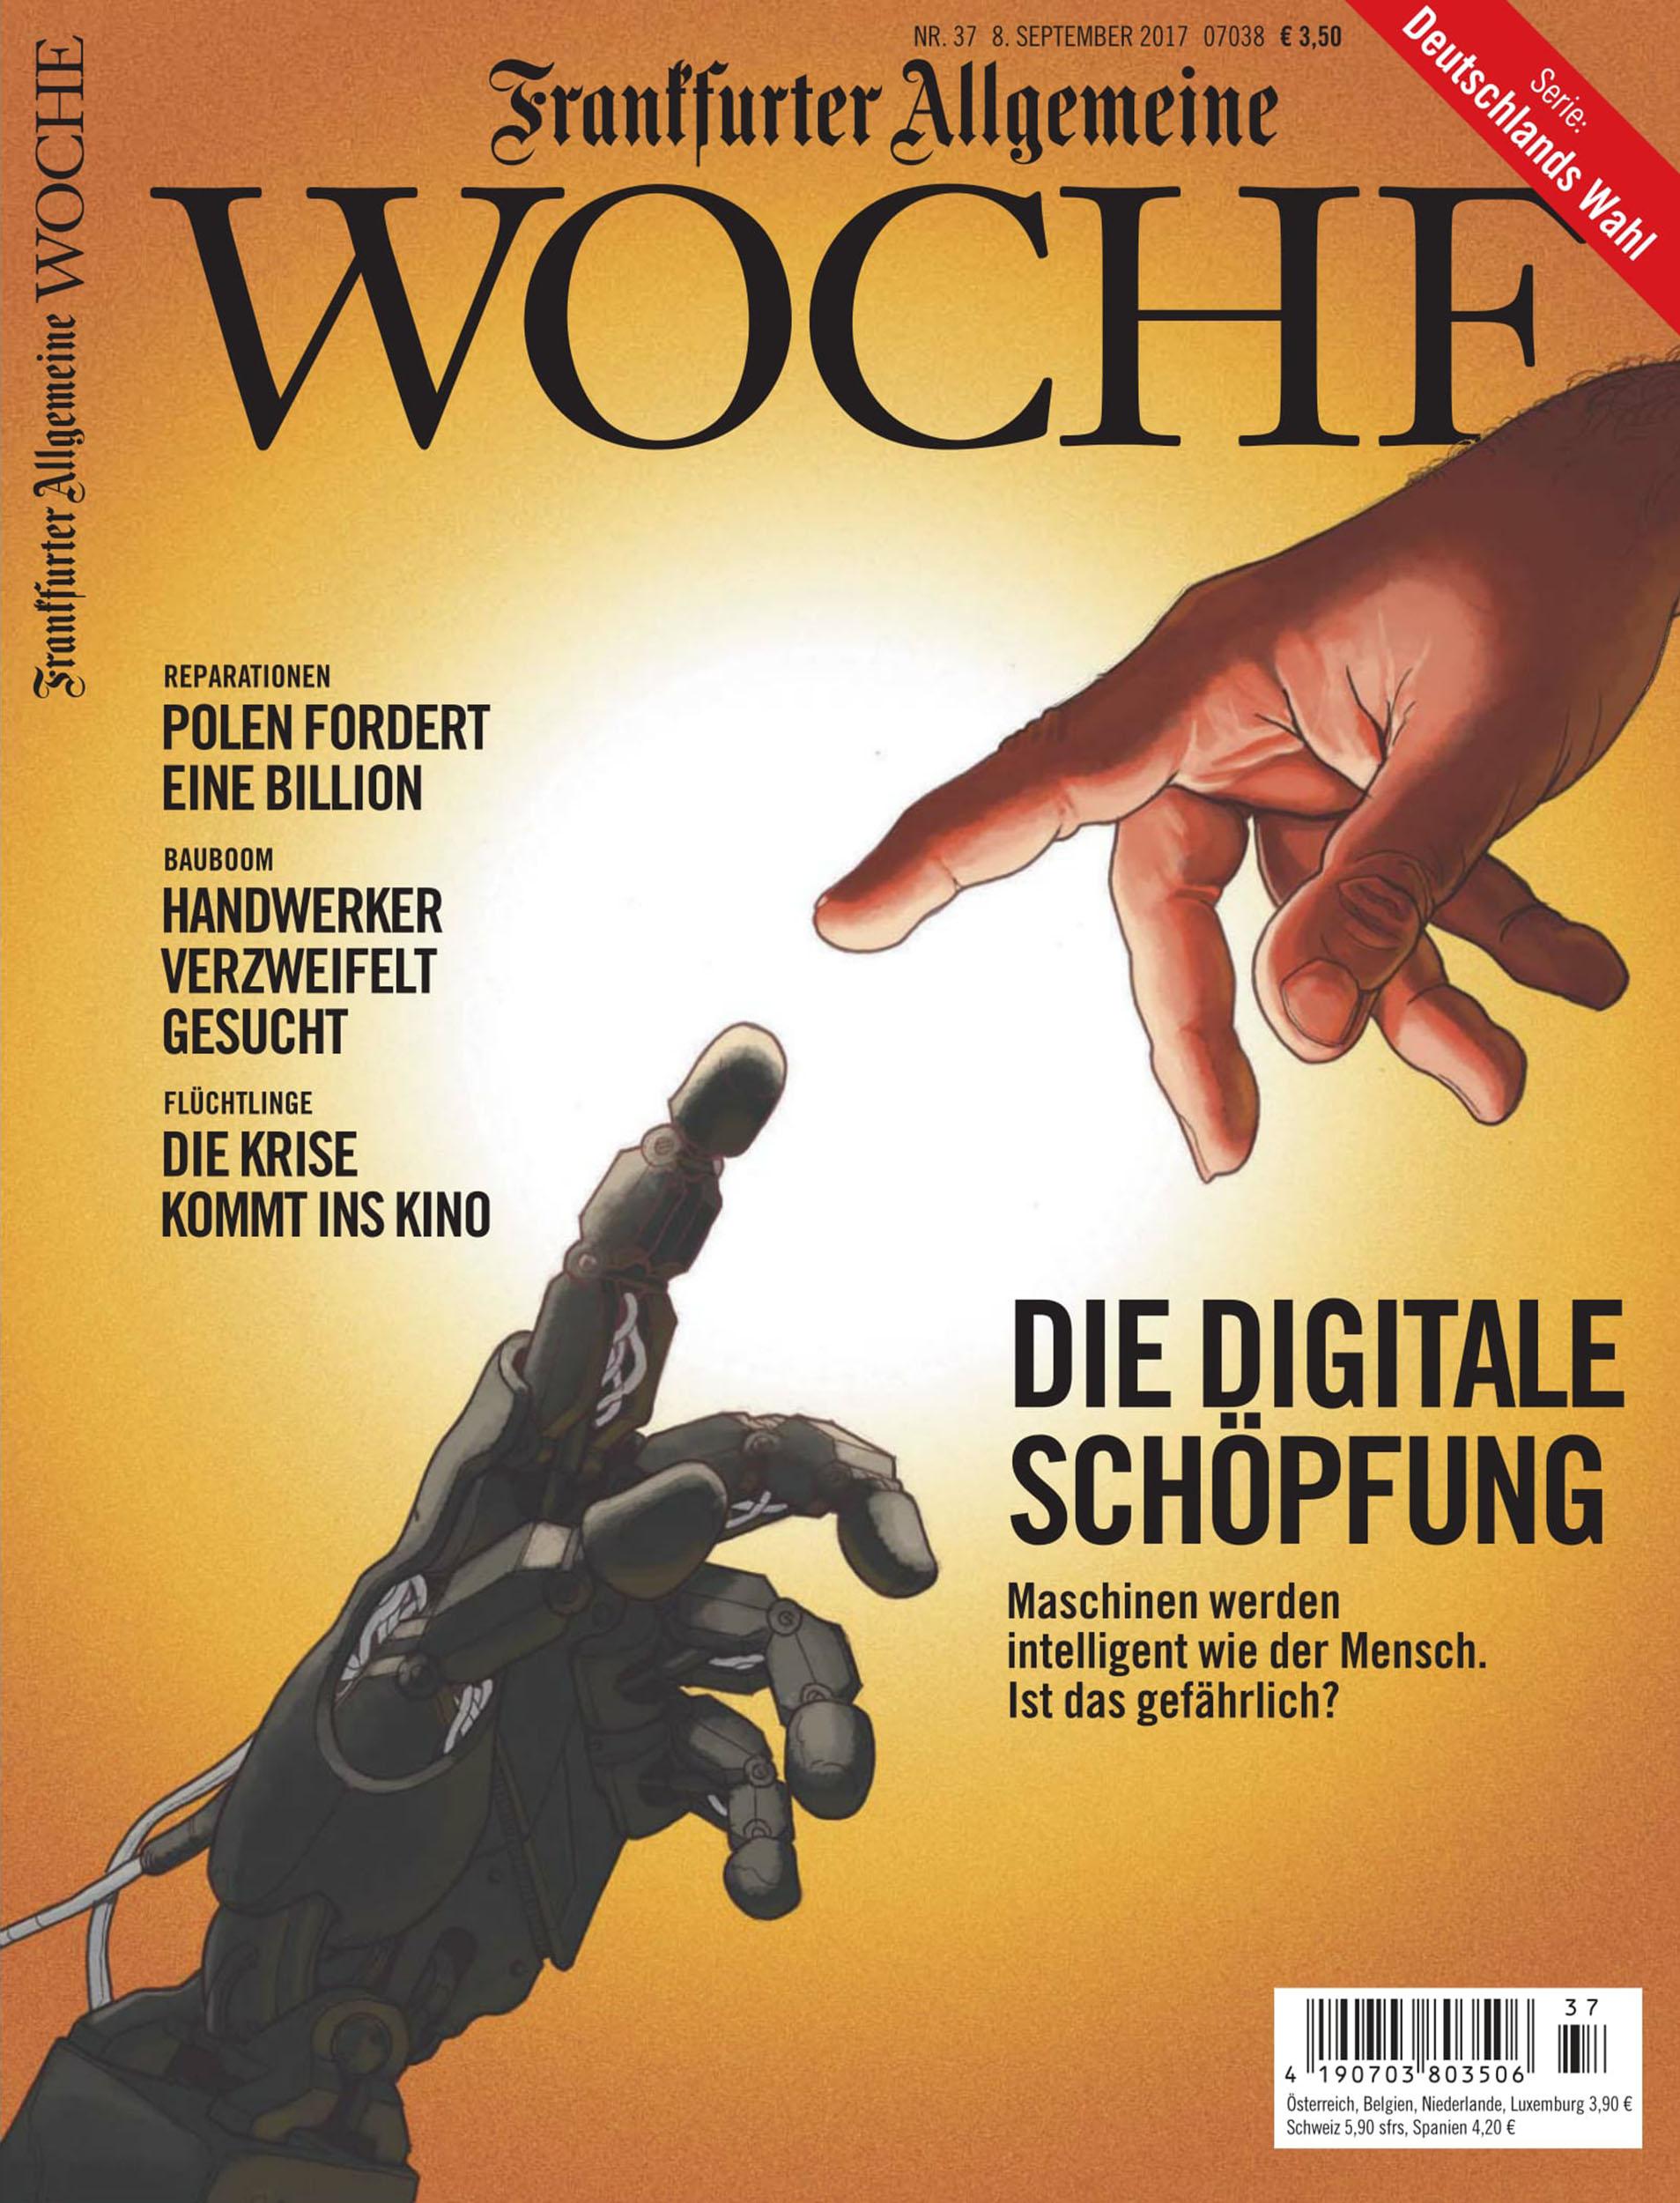 Daniel Garcia Art Illustration Frankfuter Allgemeine Woche Cover Magazine Robot Man Hand Technology 01